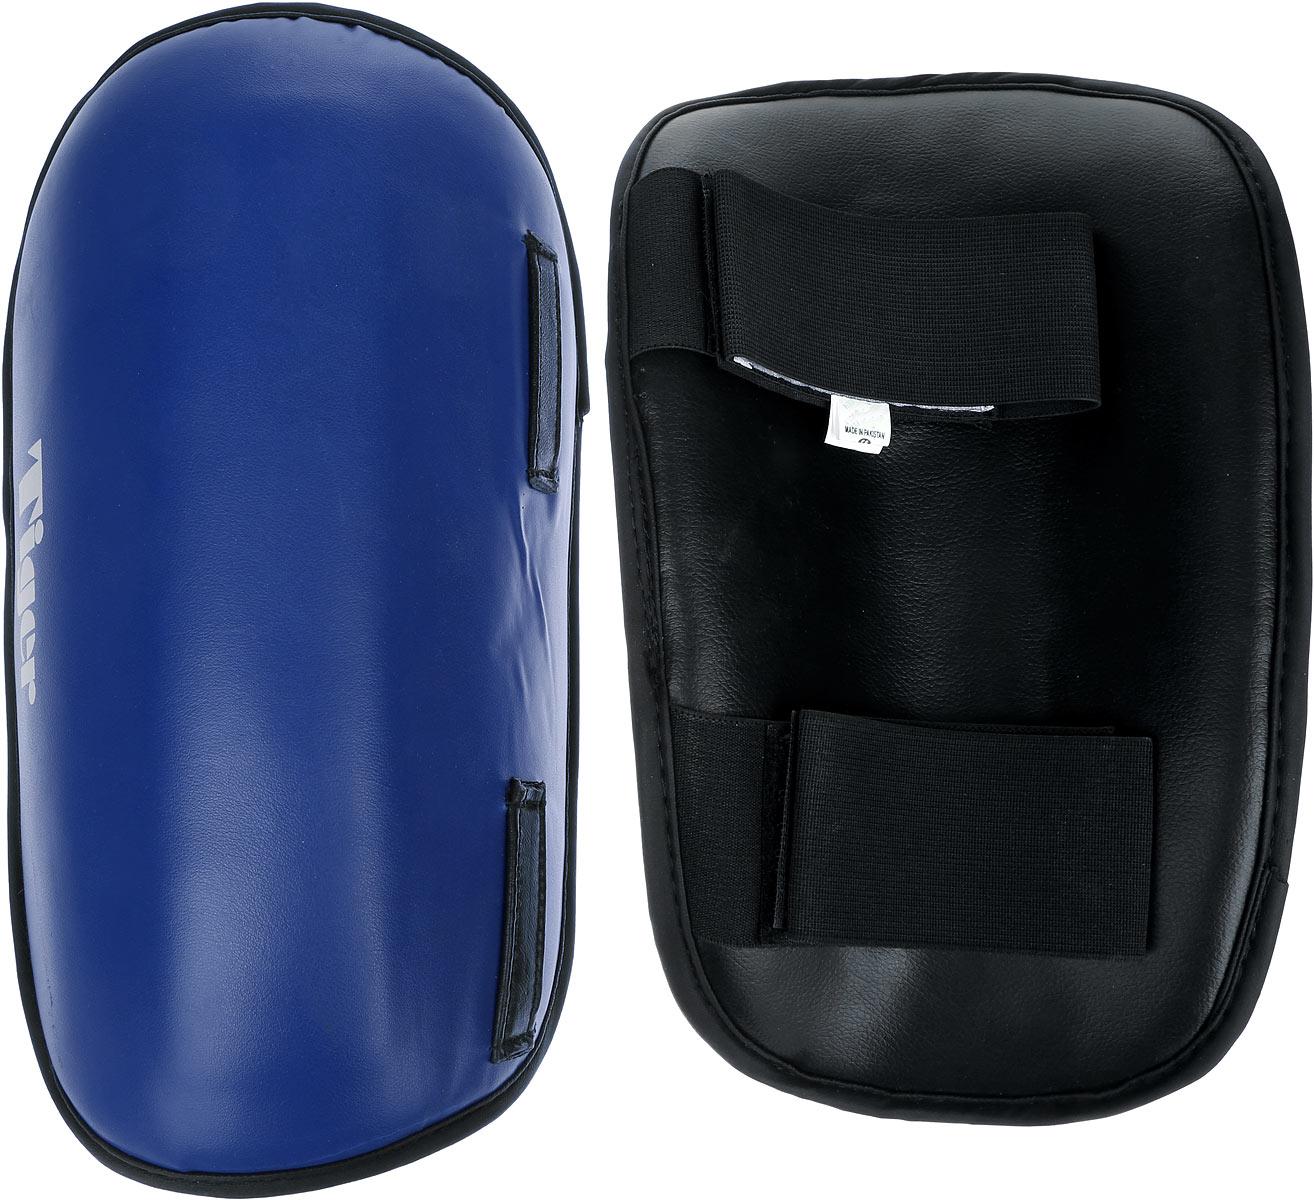 Защита голени Green Hill Tiger, цвет: синий, белый. Размер S. SPT-2123SPT-2123Защита голени Green Hill Tiger с наполнителем, выполненным из вспененного полимера, необходима при занятиях спортом для защиты суставов от вывихов, ушибов и прочих повреждений. Накладки выполнены из высококачественной натуральной кожи. Закрепляются на ноге при помощи эластичных лент и липучек. Длина голени: 29 см. Ширина голени: 17 см.